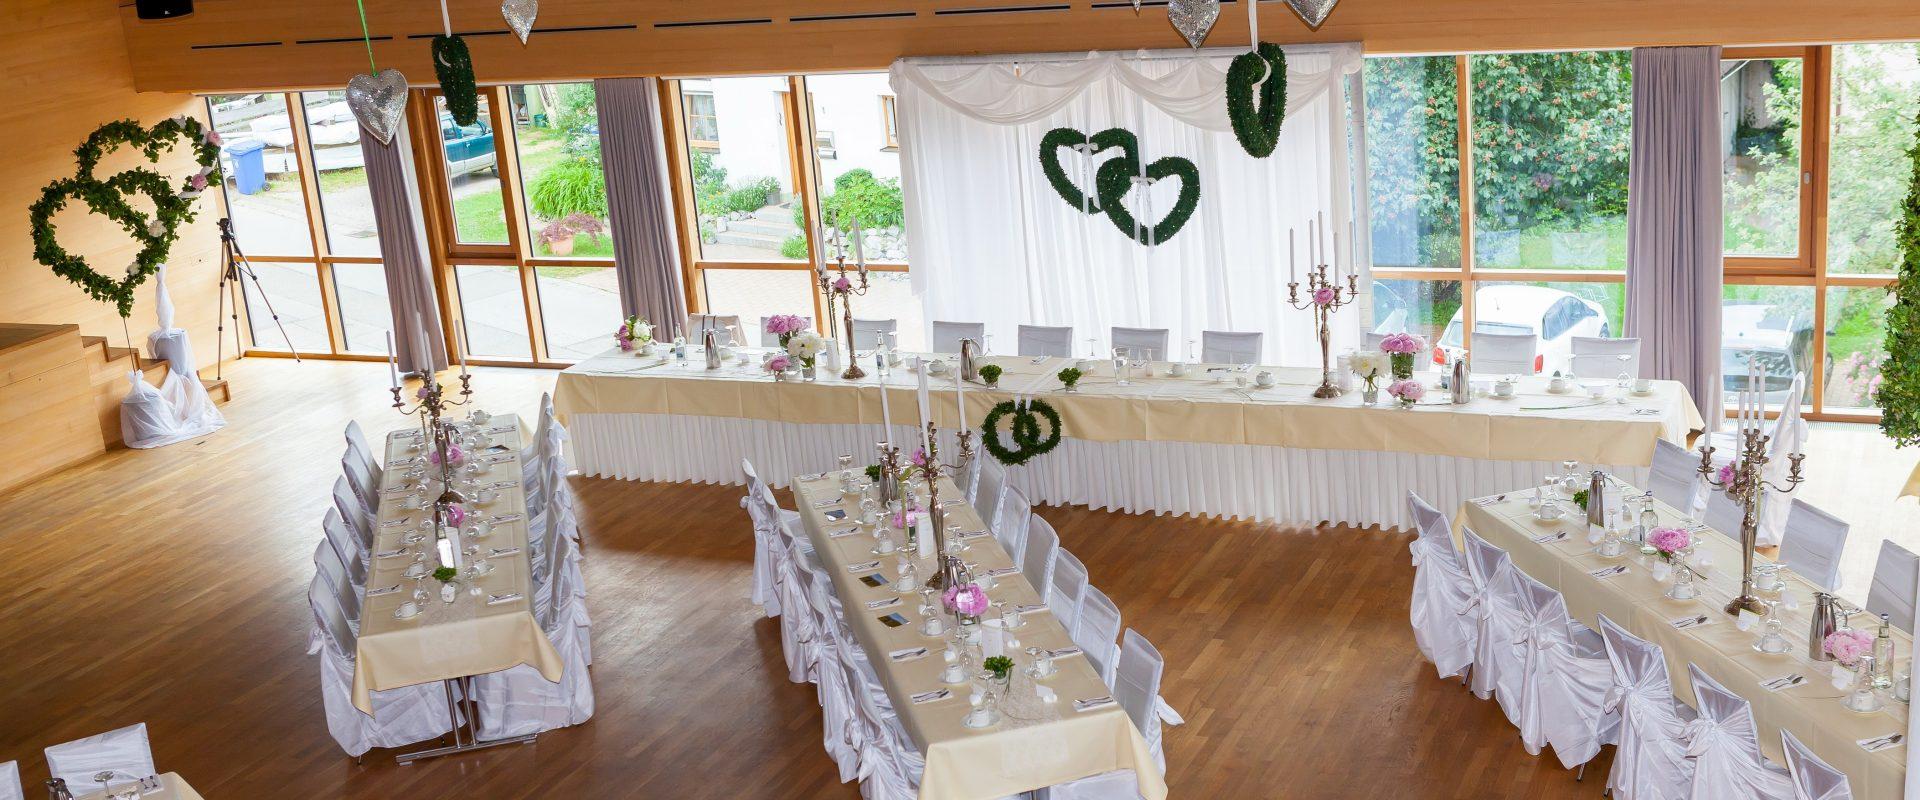 Hochzeitslocation im Allgäu Energiehotel Kultiviert Wildpoldsried